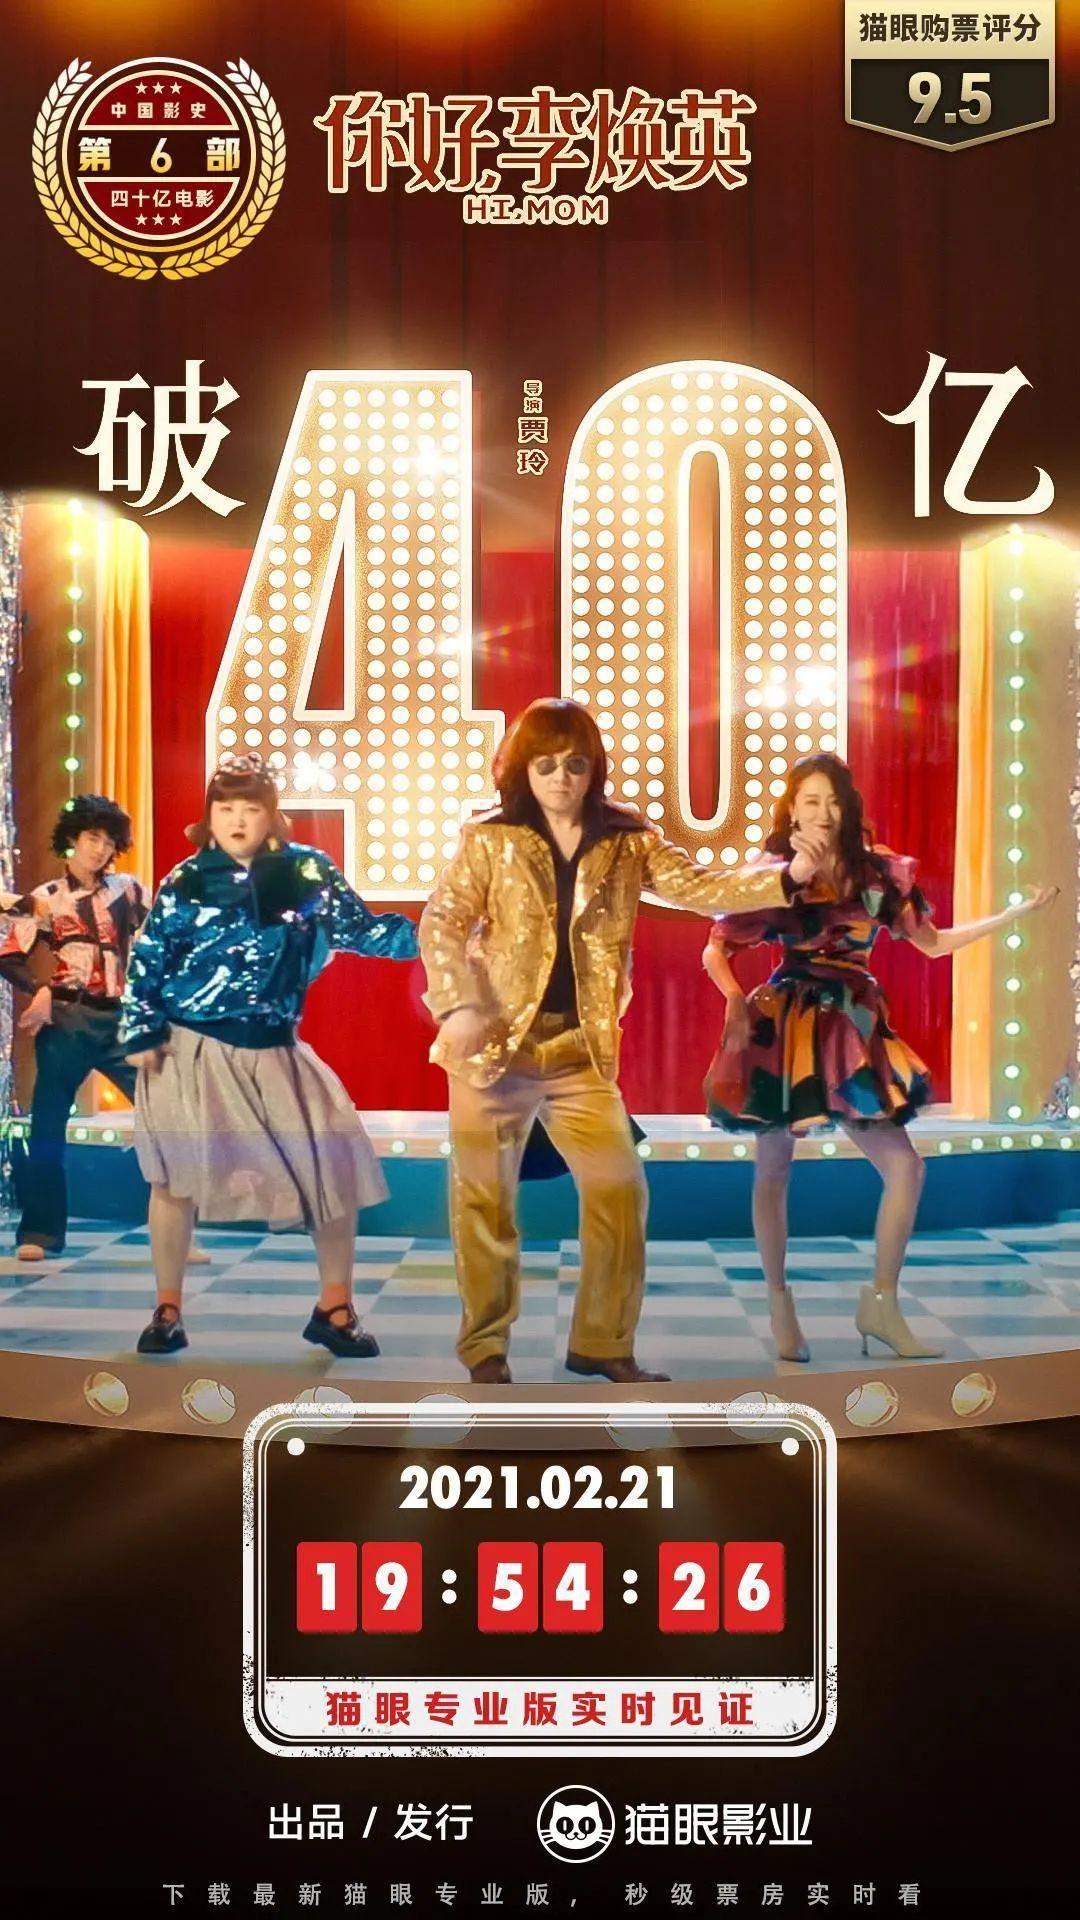 """""""李焕英""""破40亿 超越《唐探3》!盗版却来了 8.88元看6部贺岁片 片方紧急发声"""